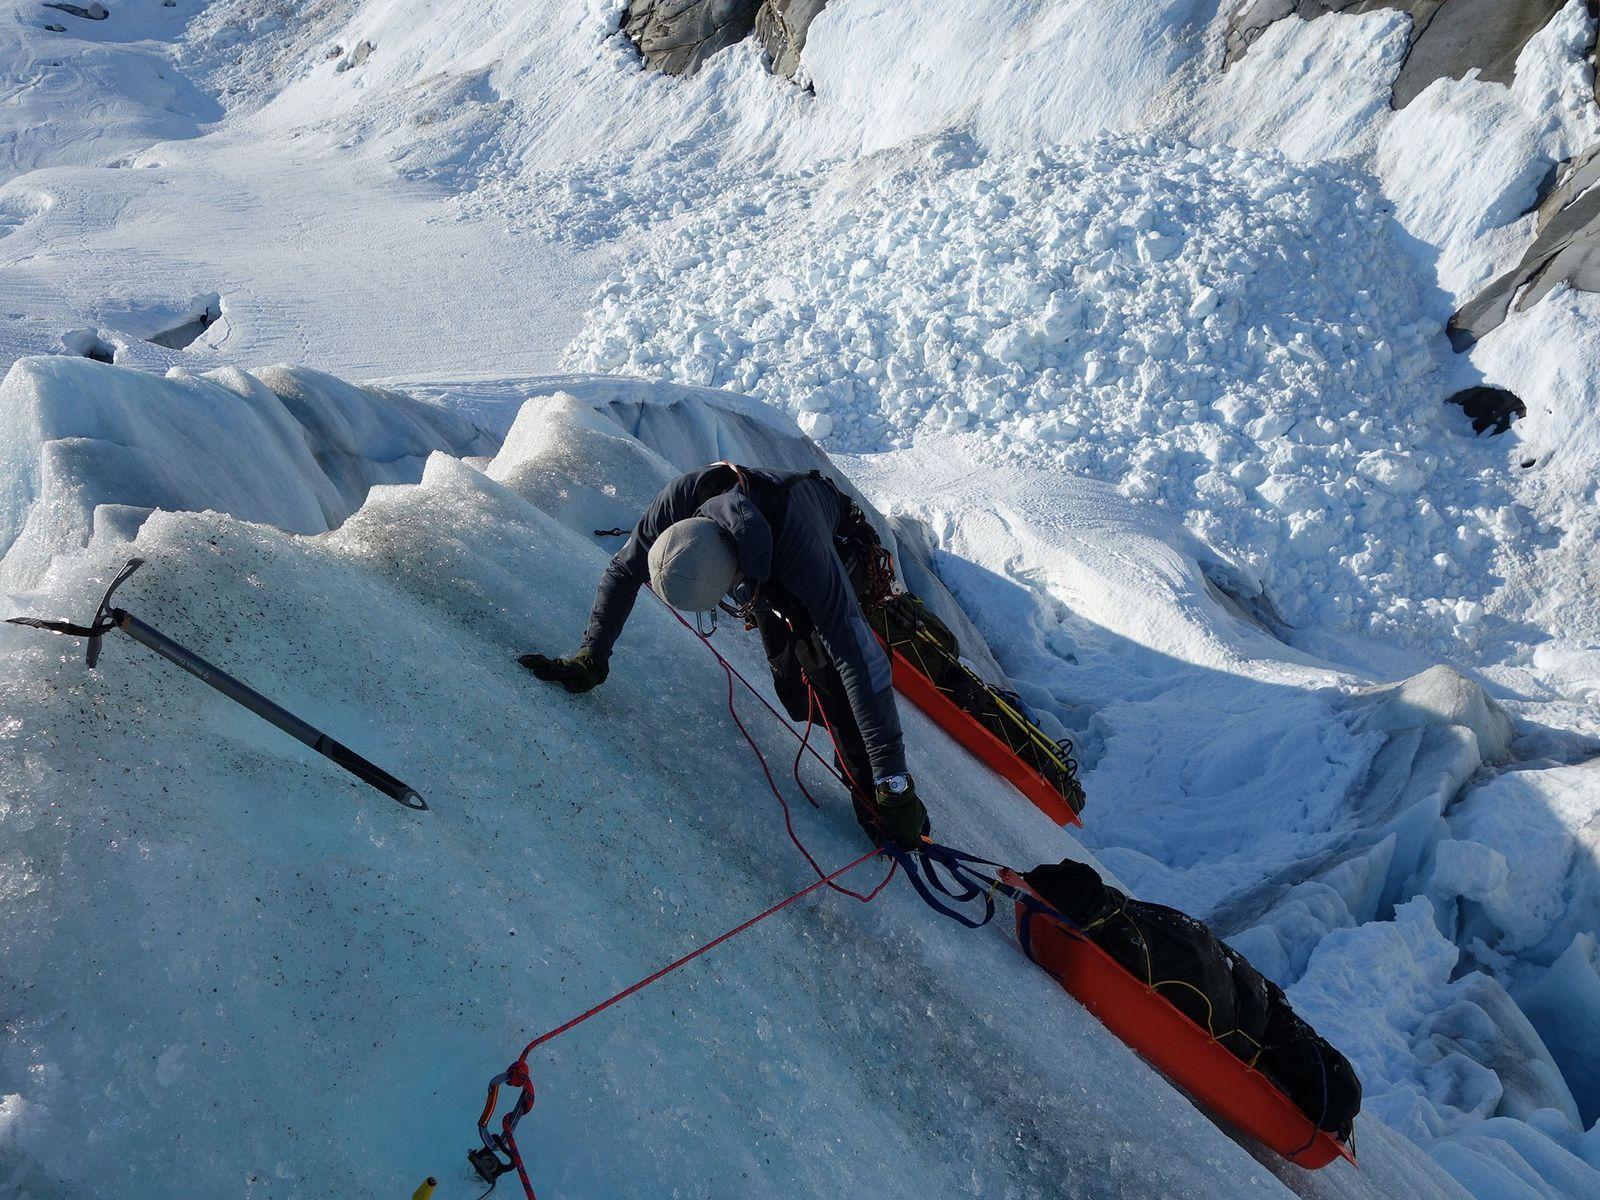 Traverser les 20 plus grands glaciers de la planète pour rendre compte de la fonte des ...